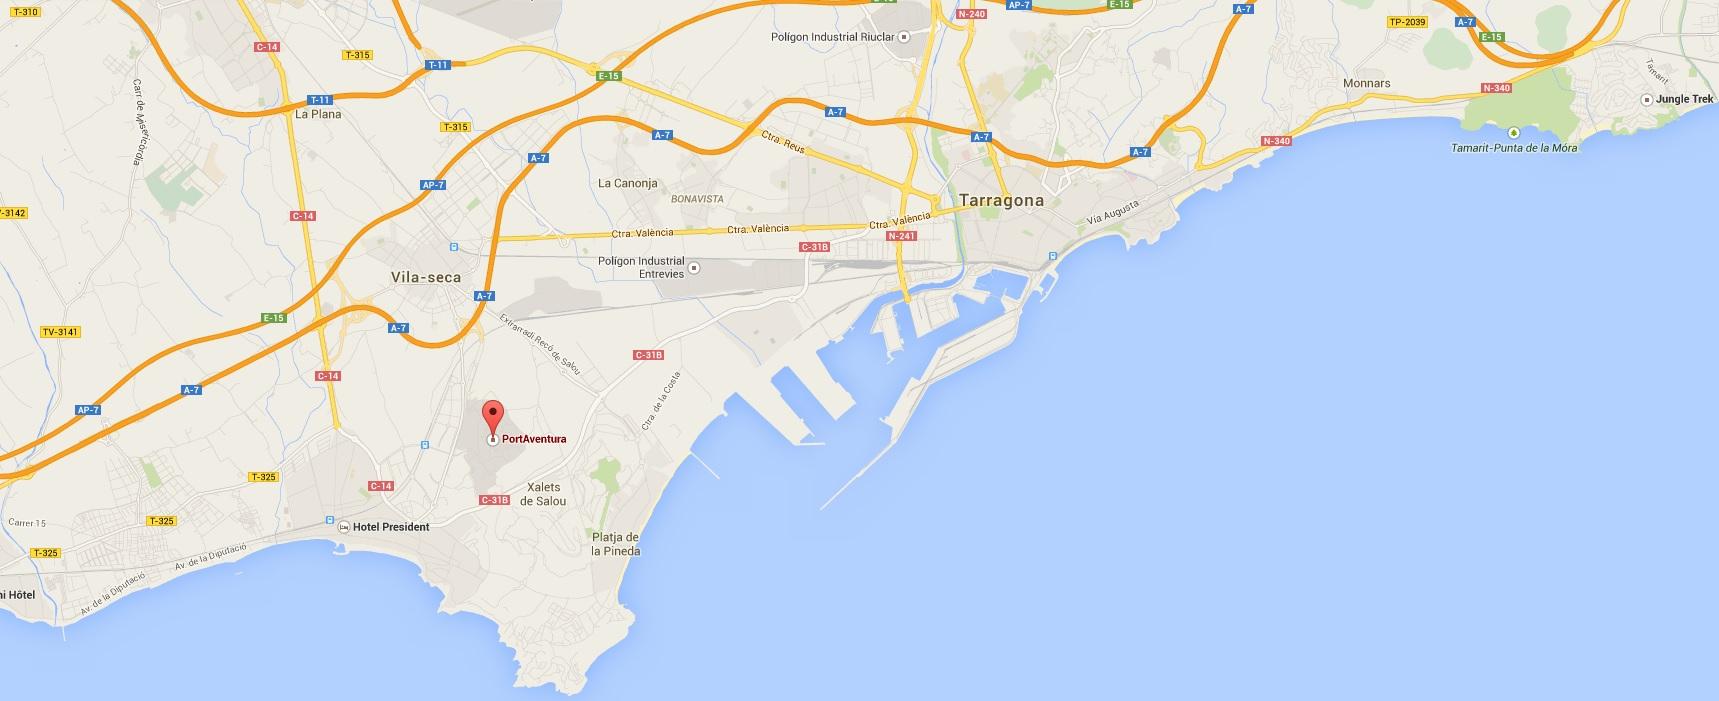 Tout savoir sur Port Aventura, attractions et transports